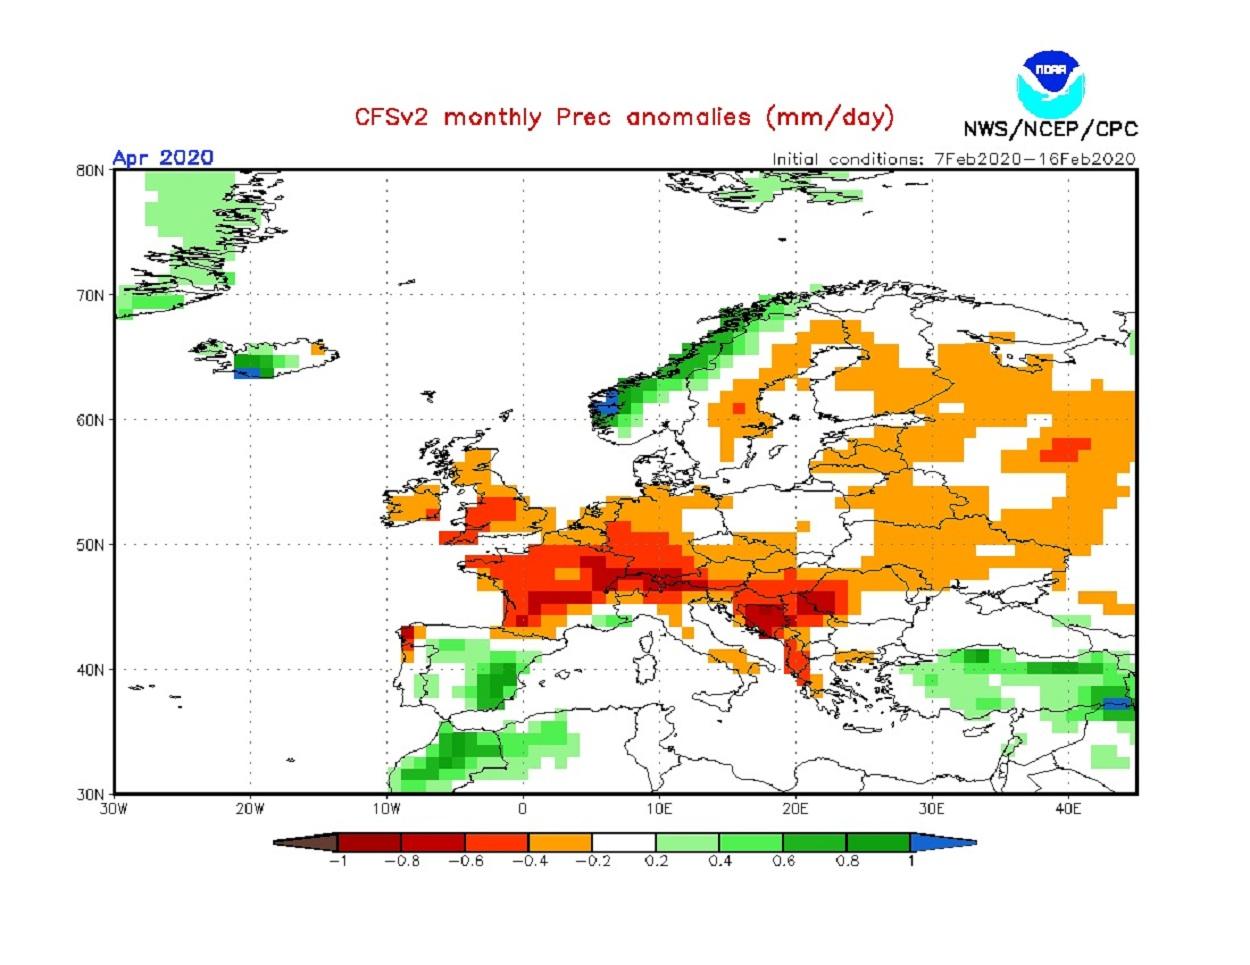 Anomalie di precipitazione previste dal modello CFS per aprile 2020 - cpc.ncep.noaa.gov